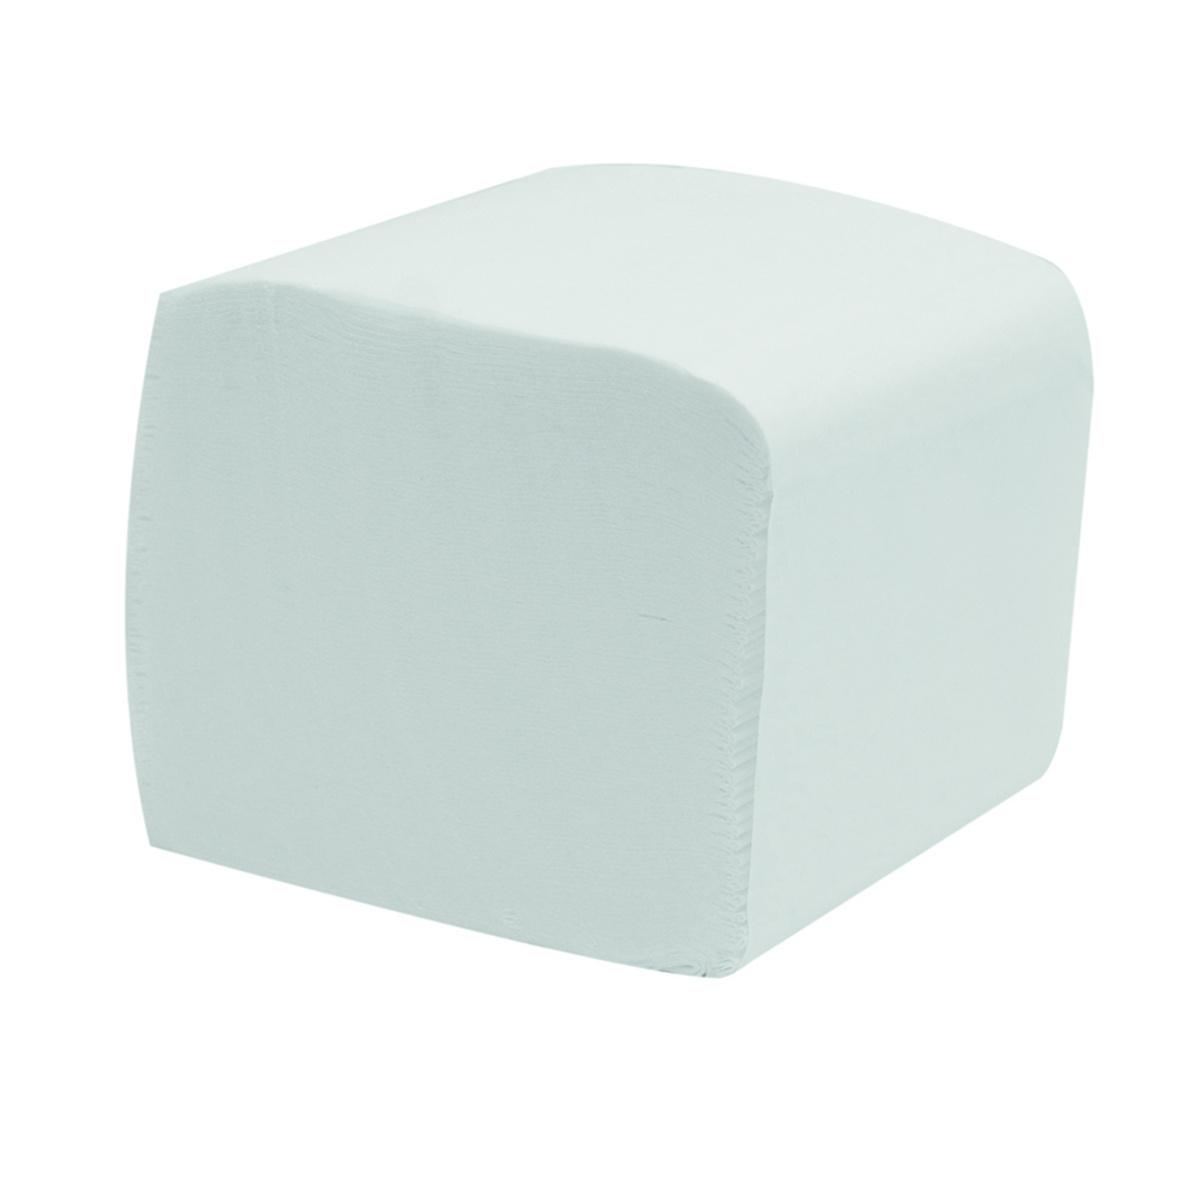 Papier hygiénique blanc ouate de cellulose 19x11 cm Kleaning Essentials (36 pièces)